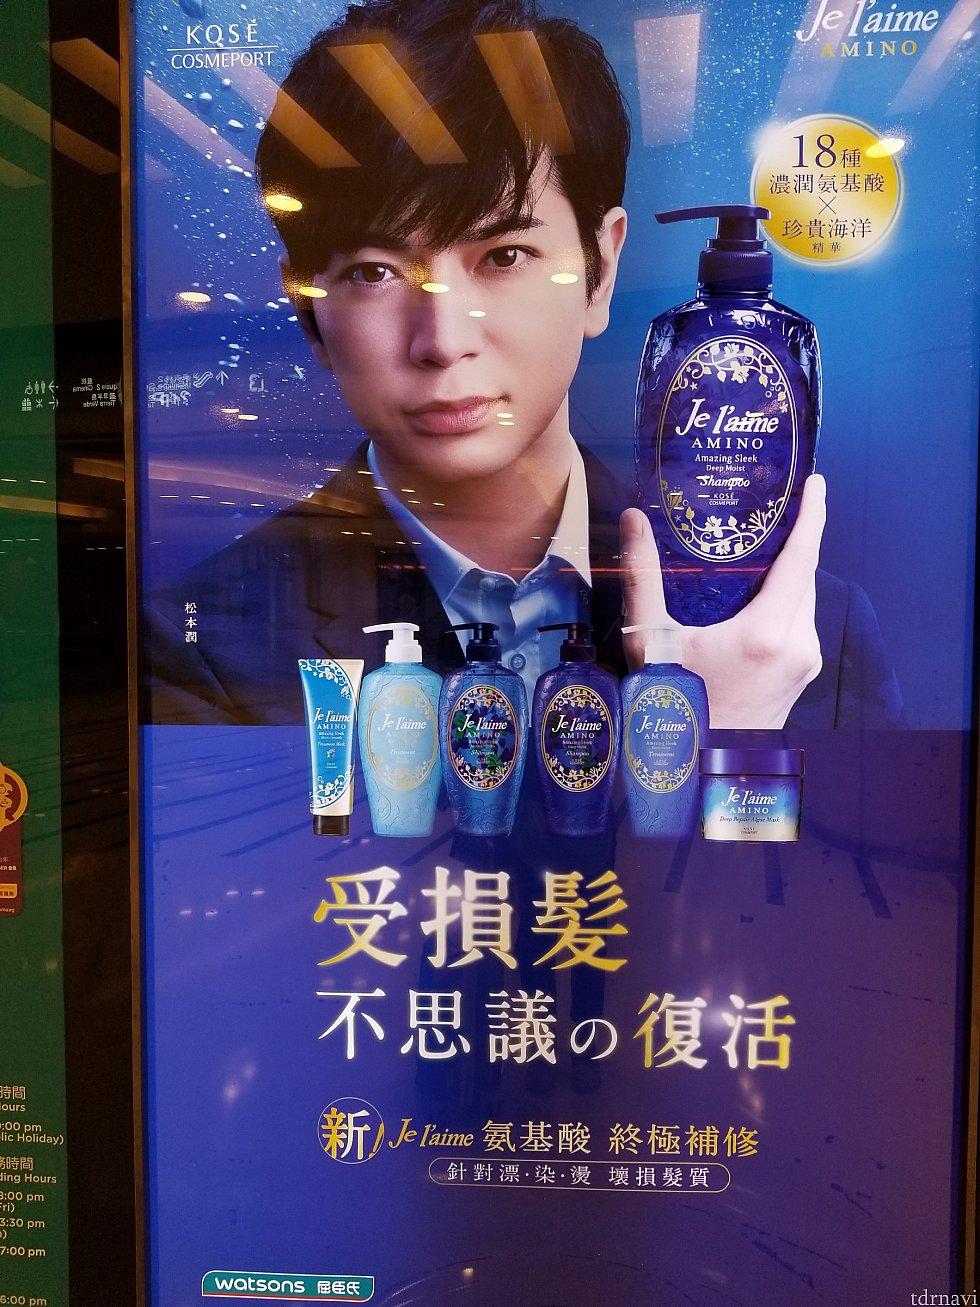 青衣で松潤発見☺️ 「不思議の復活」 「の」 は香港の方には分かるのかしら?